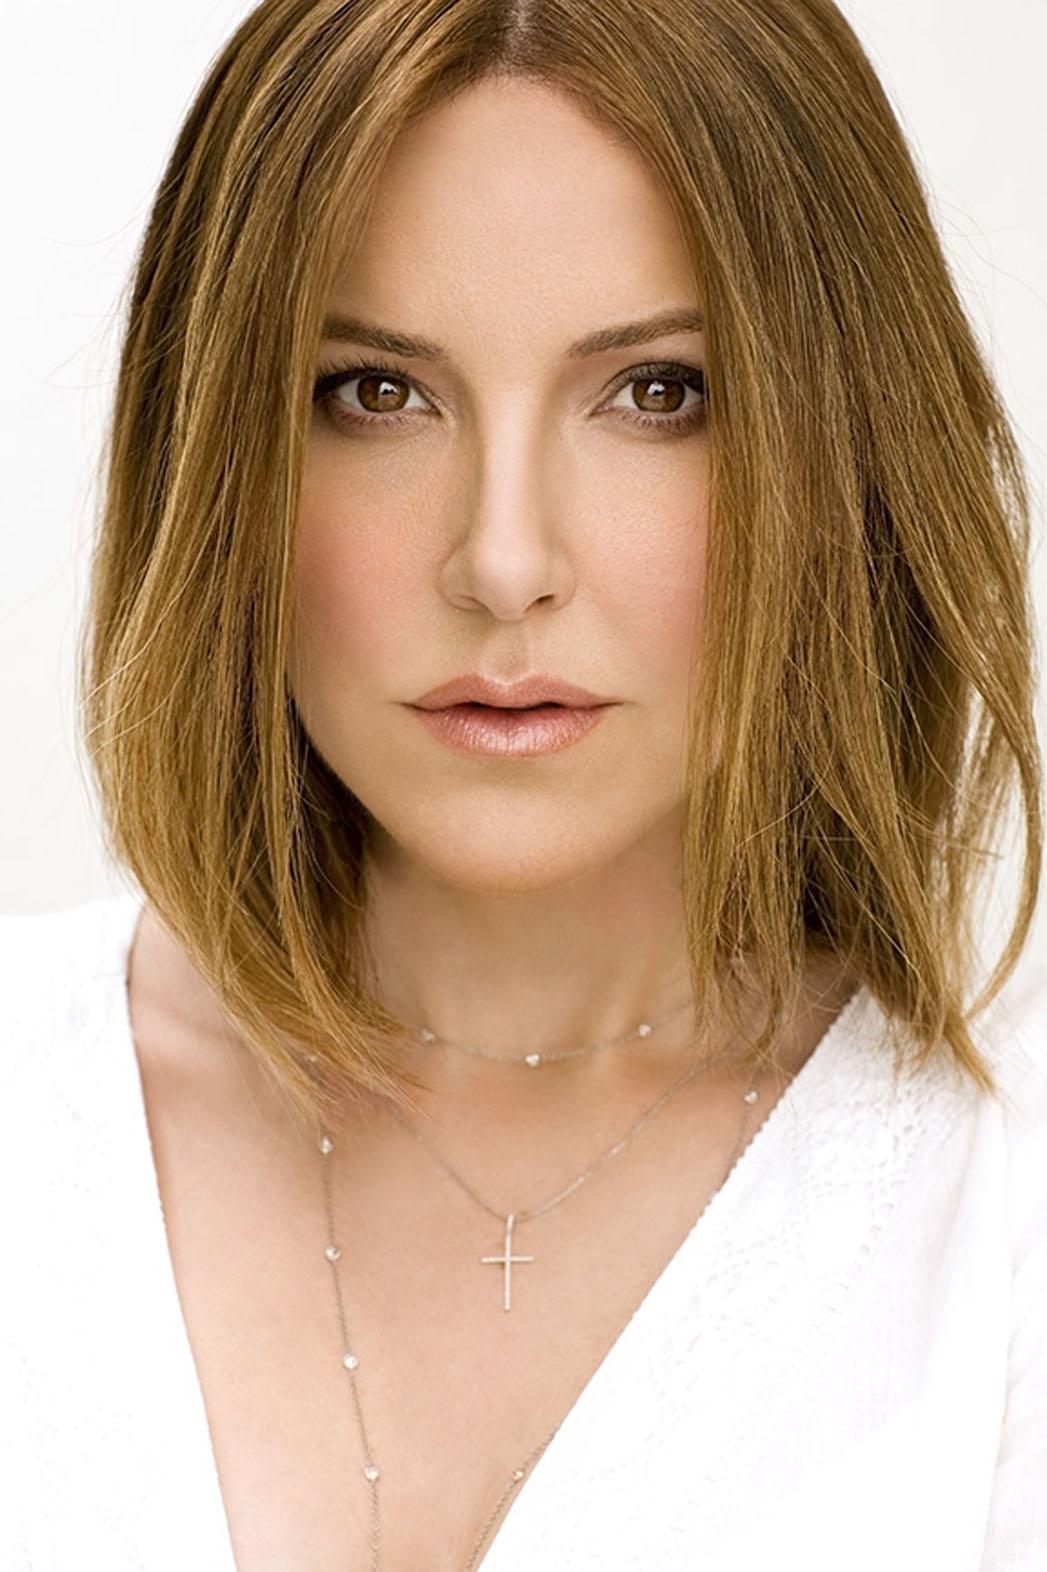 Christa miller hot